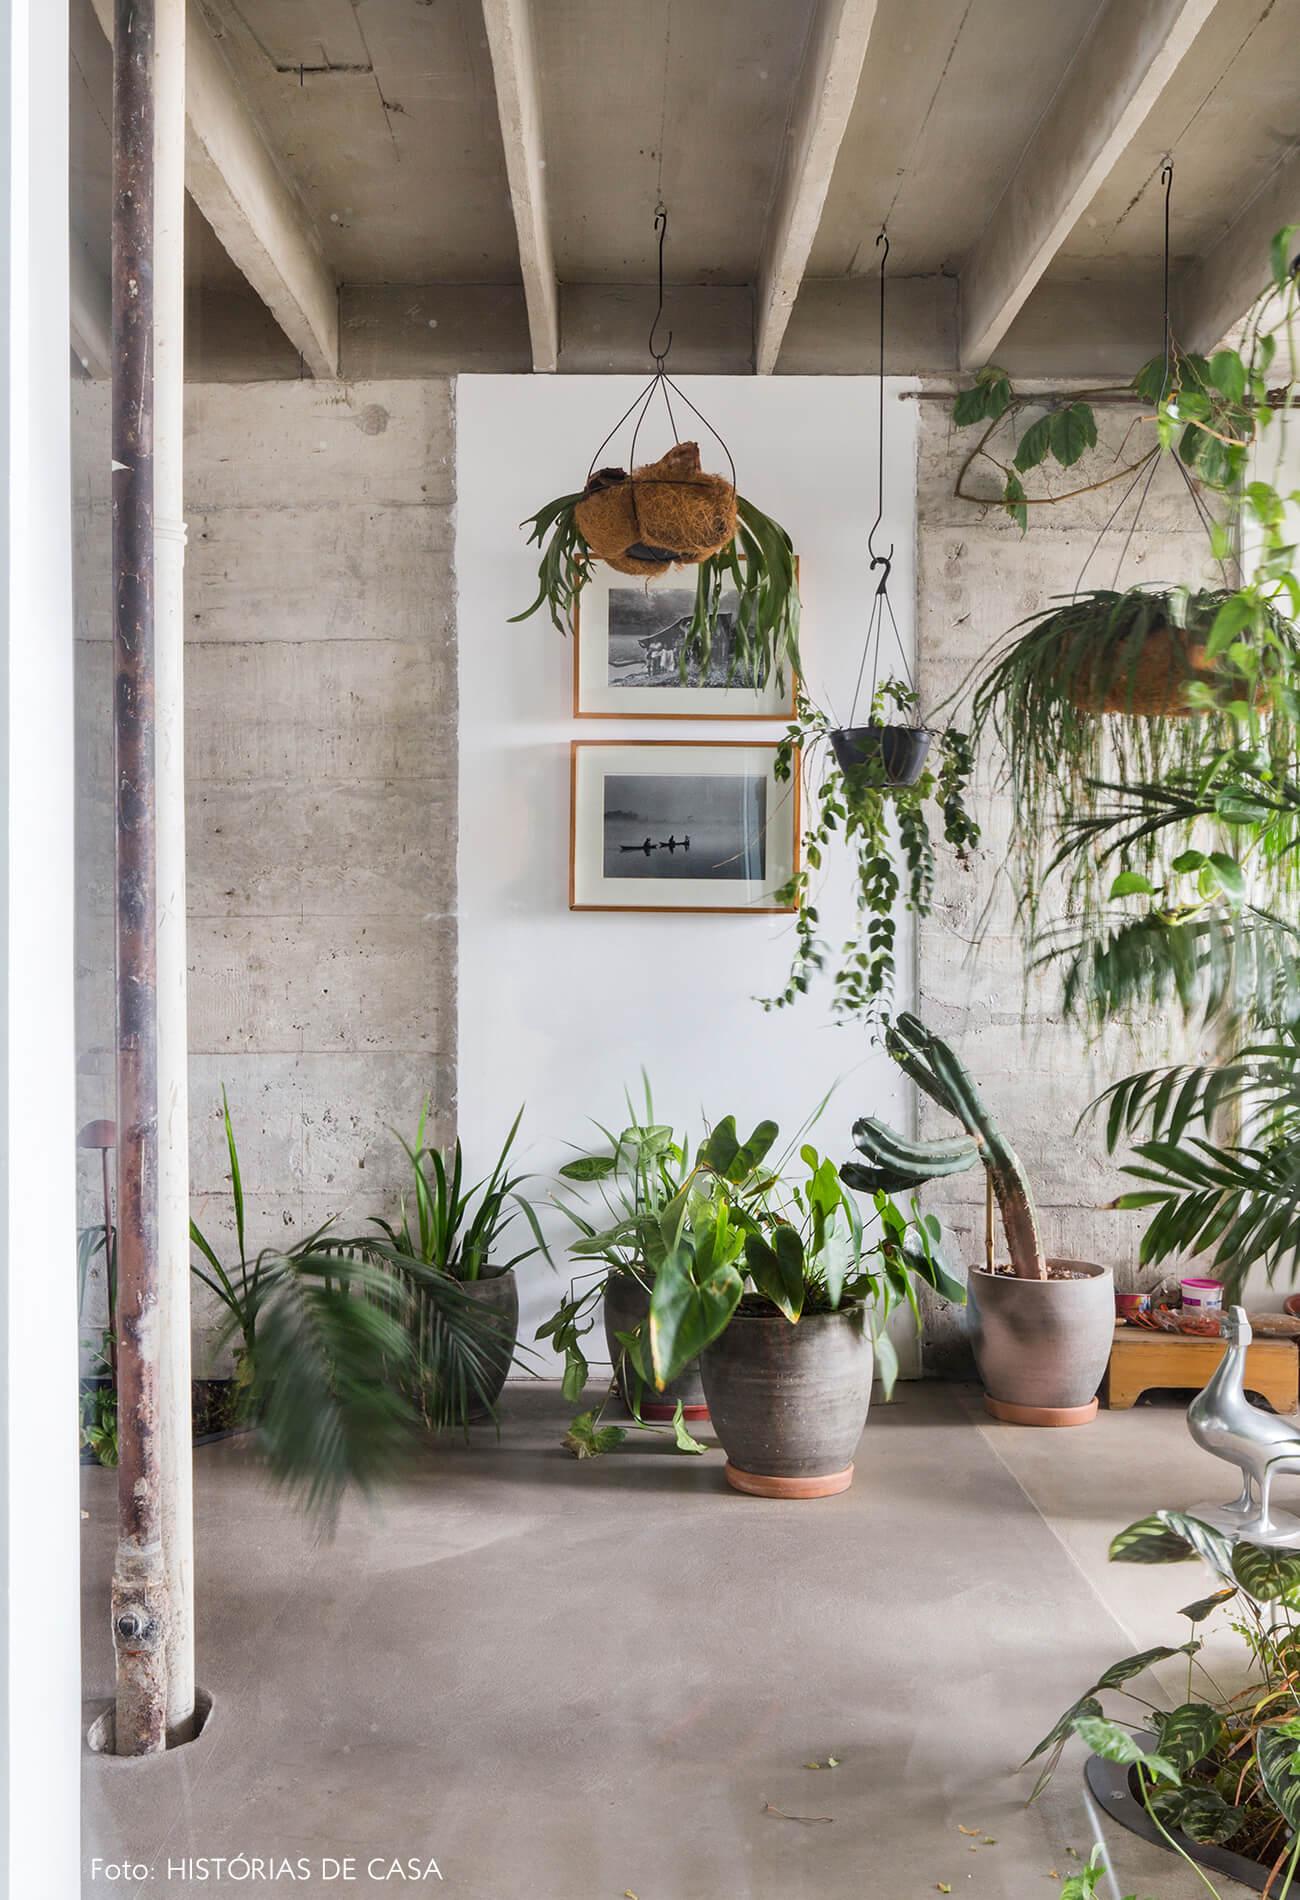 Ap decoração copan parede de concreto no jardim interno com plantas e quadros cano aparente